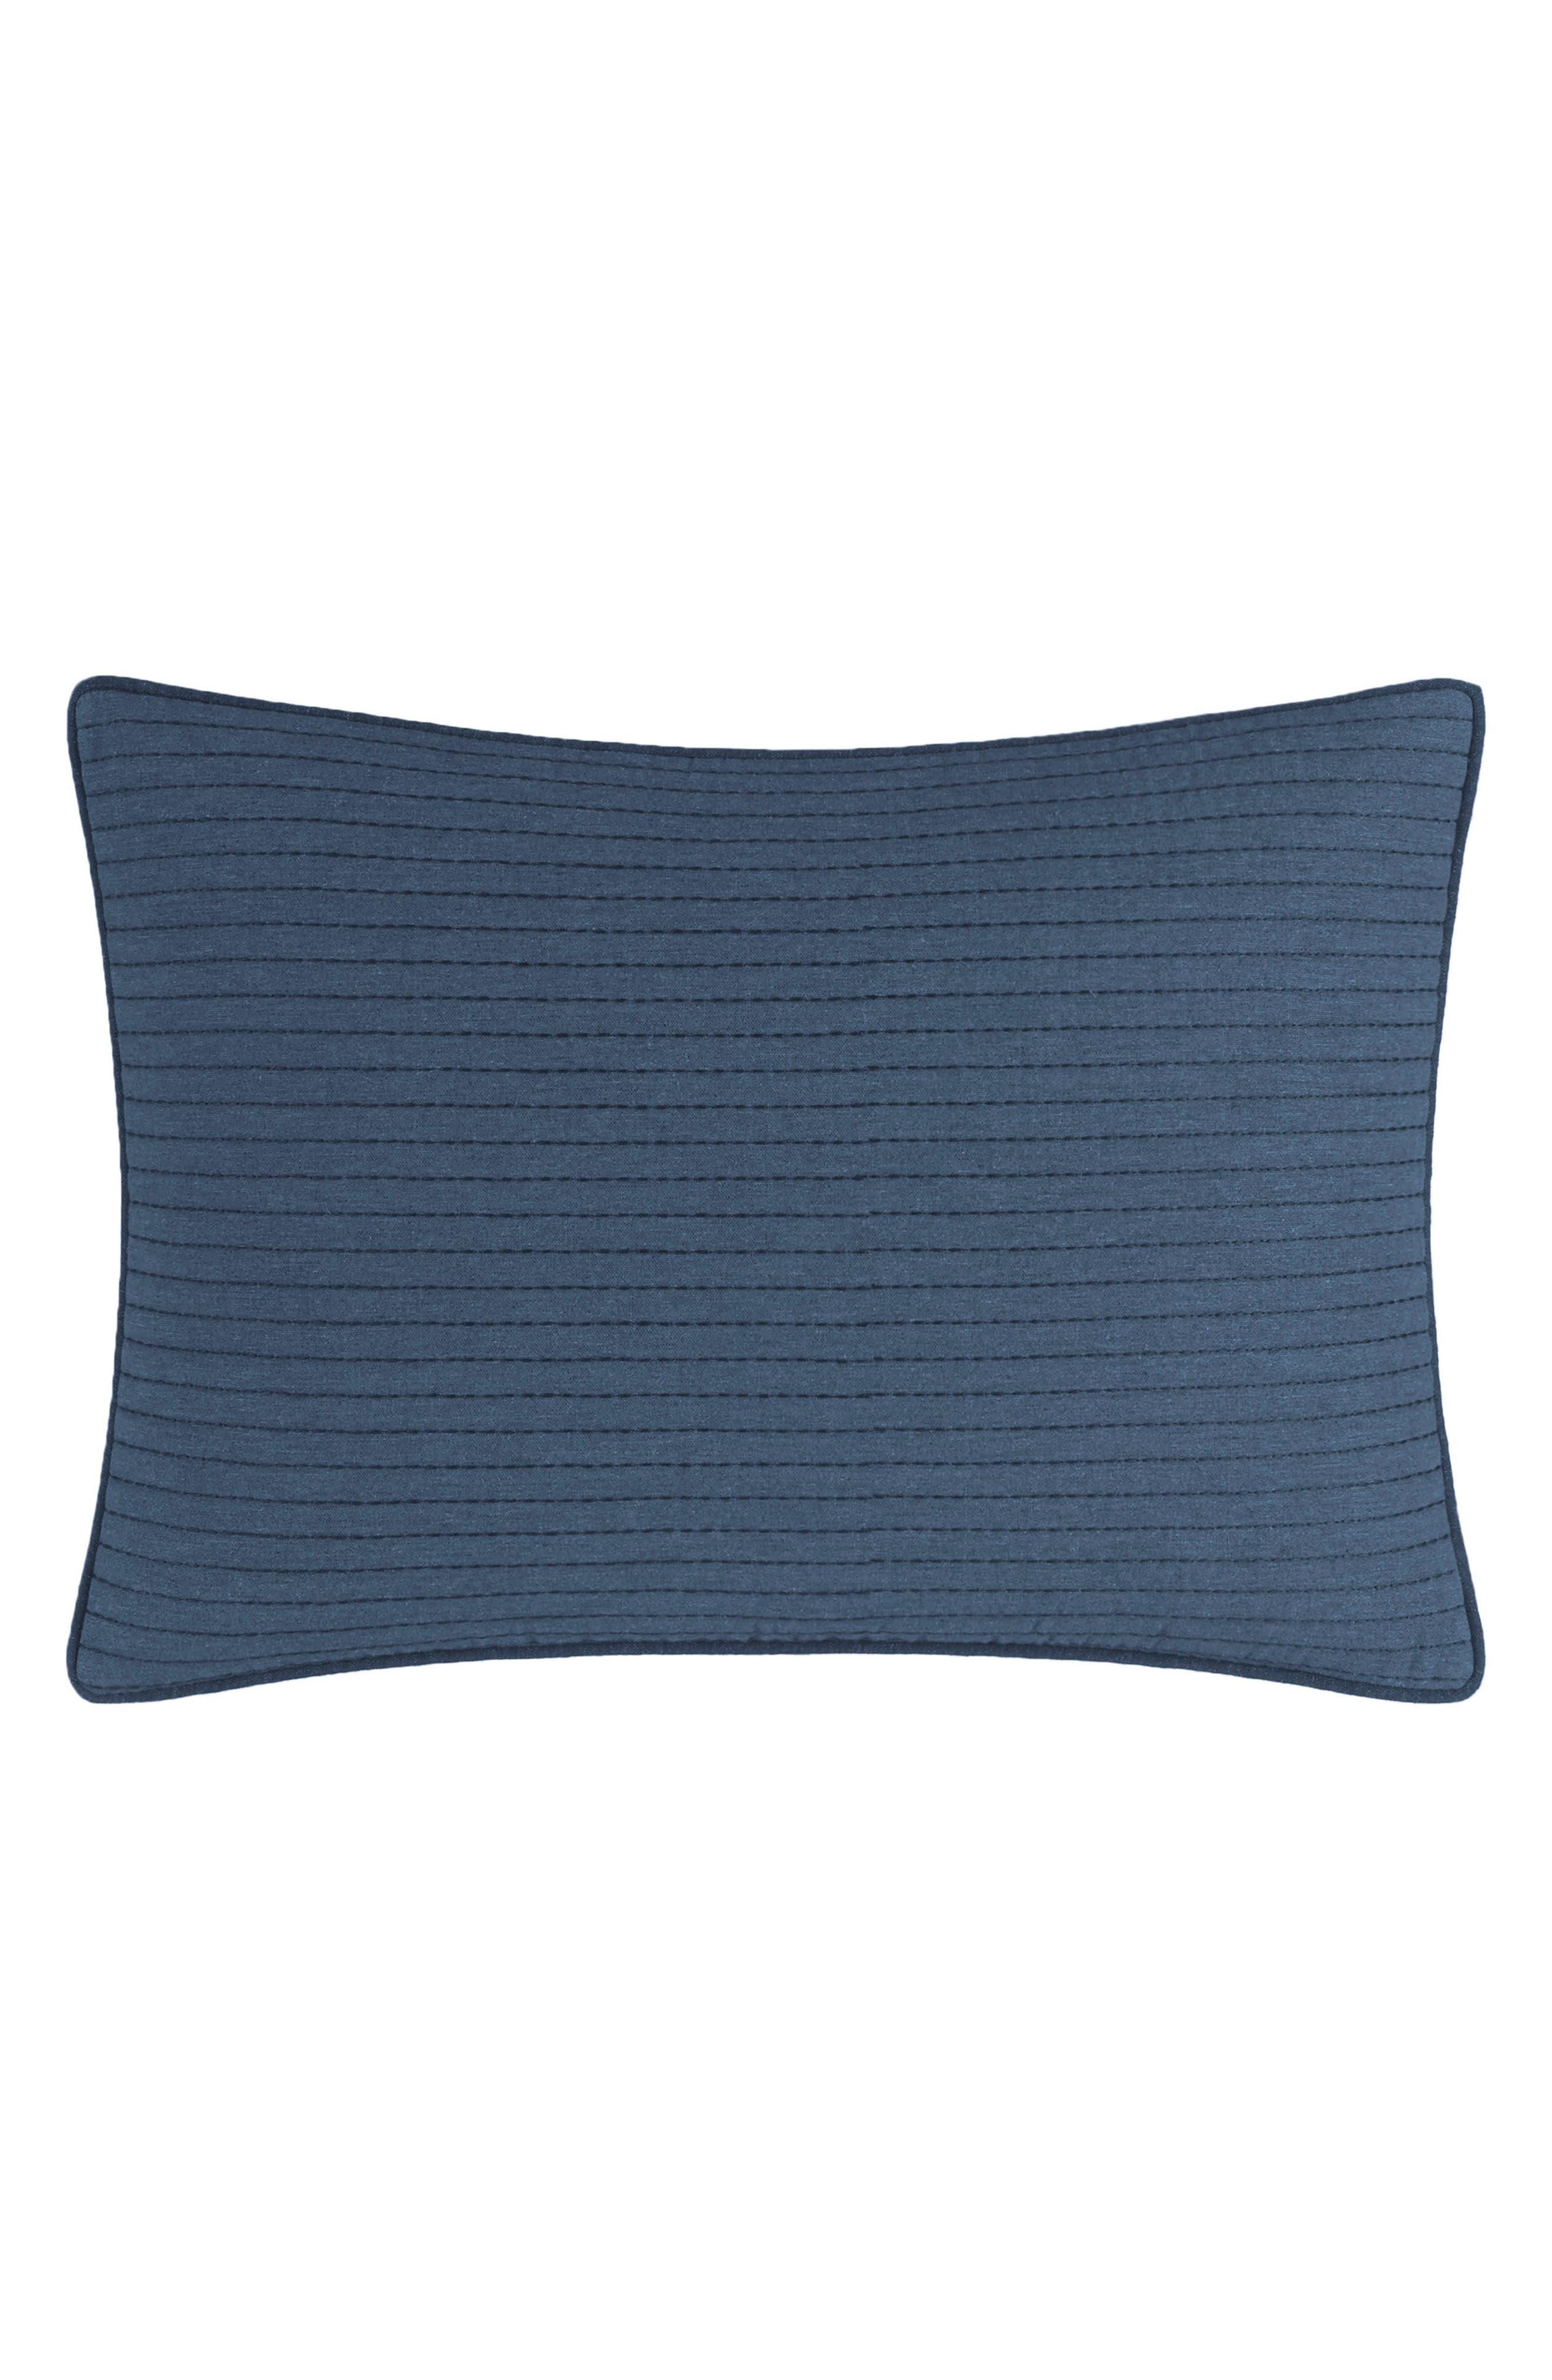 Main Image - Nautica Lockridge Quilted Accent Pillow